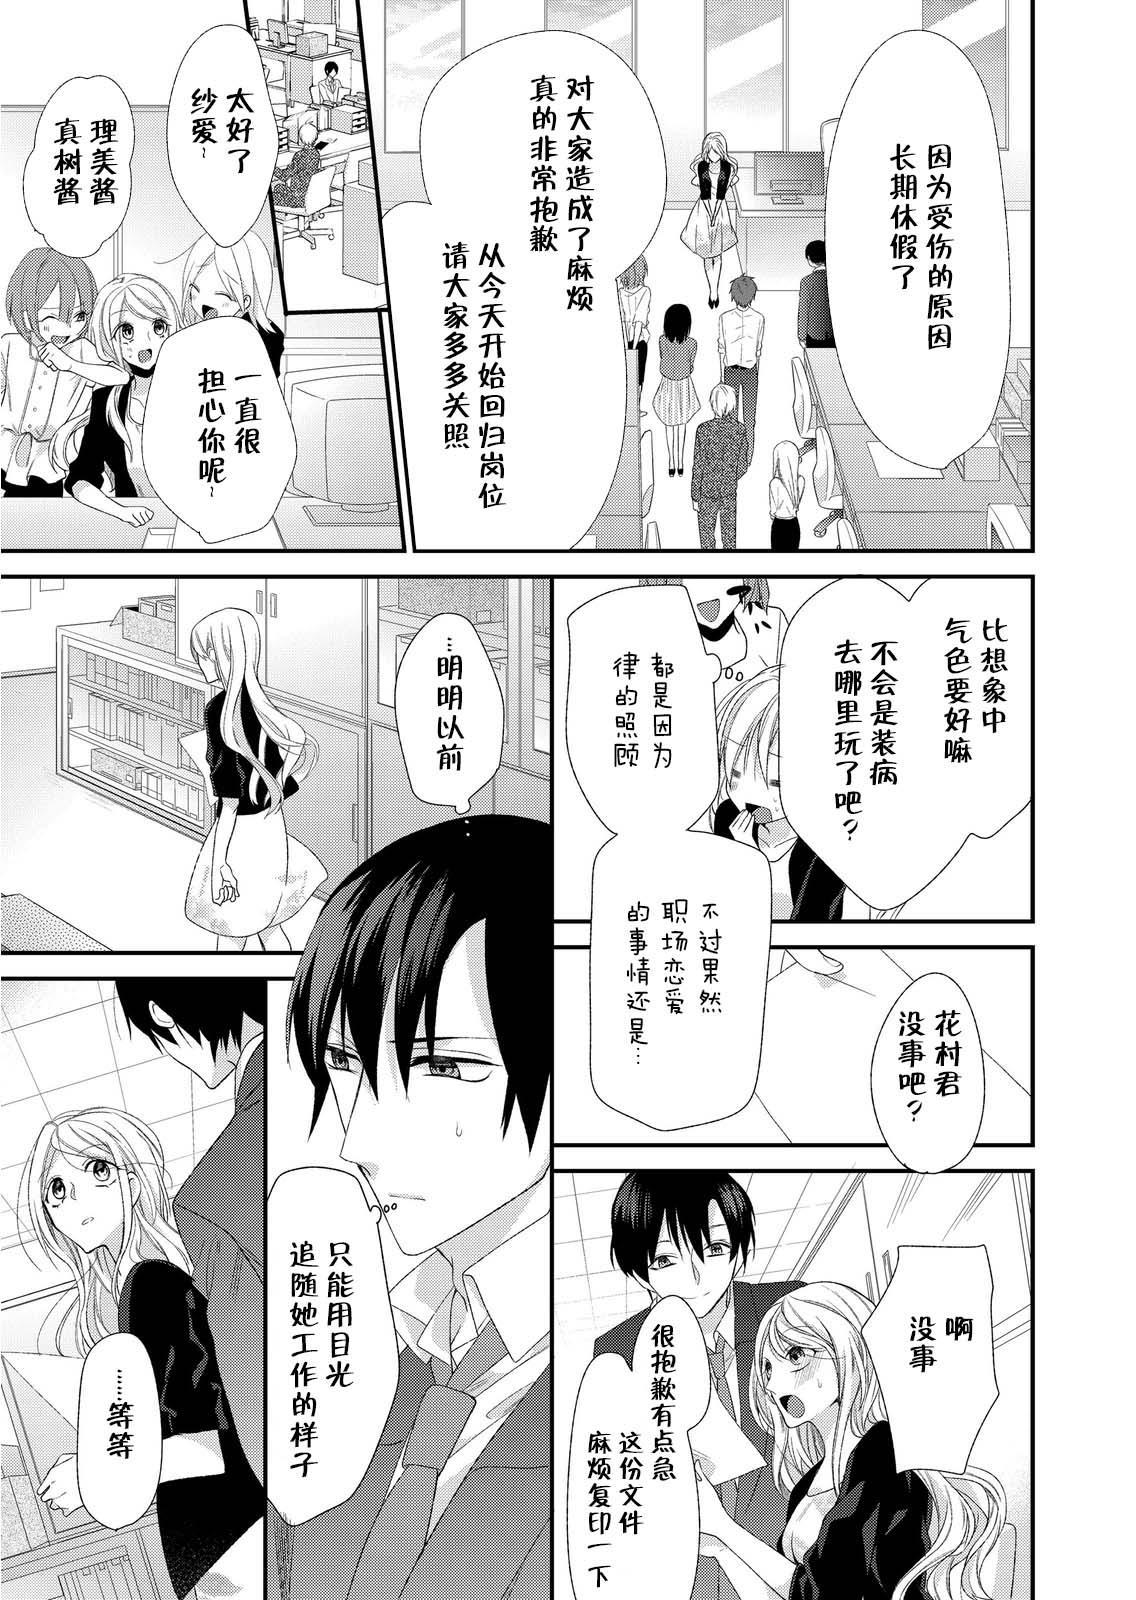 Kioku Sousitsu!? Watashi no Kareshi ha Docchi? Karada de Tameshite・・・ | 失忆!?我的男朋友到底是谁?用身体来确认…Ch. 1-2 44